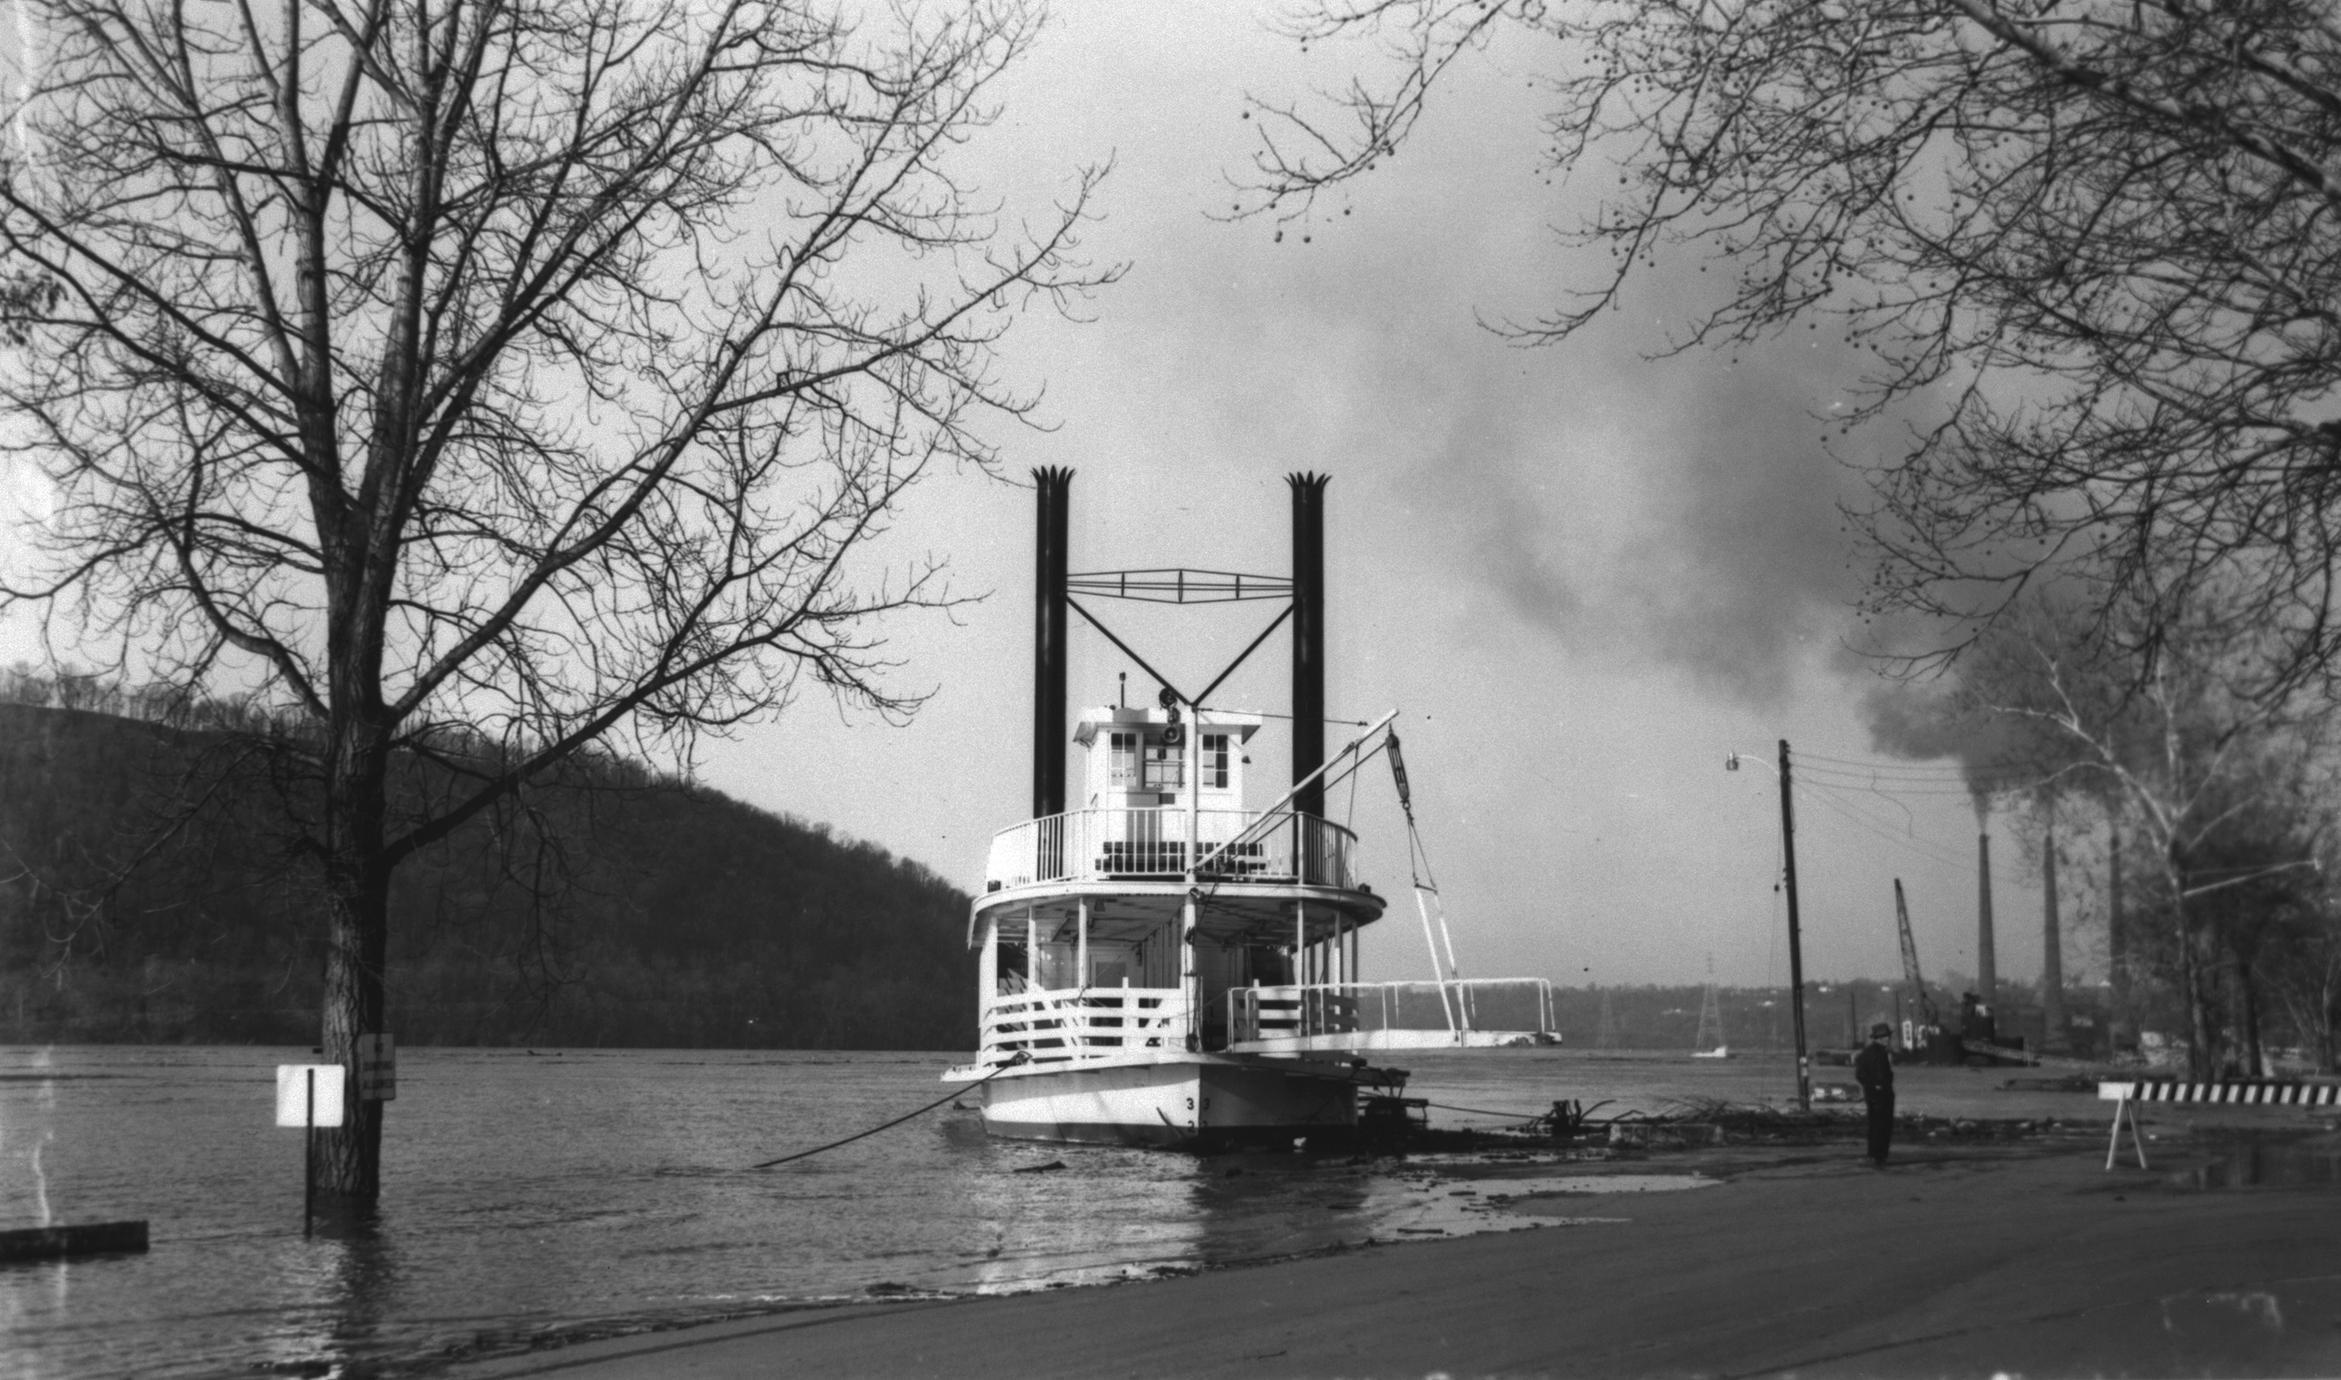 Valley Queen (Excursion boat)